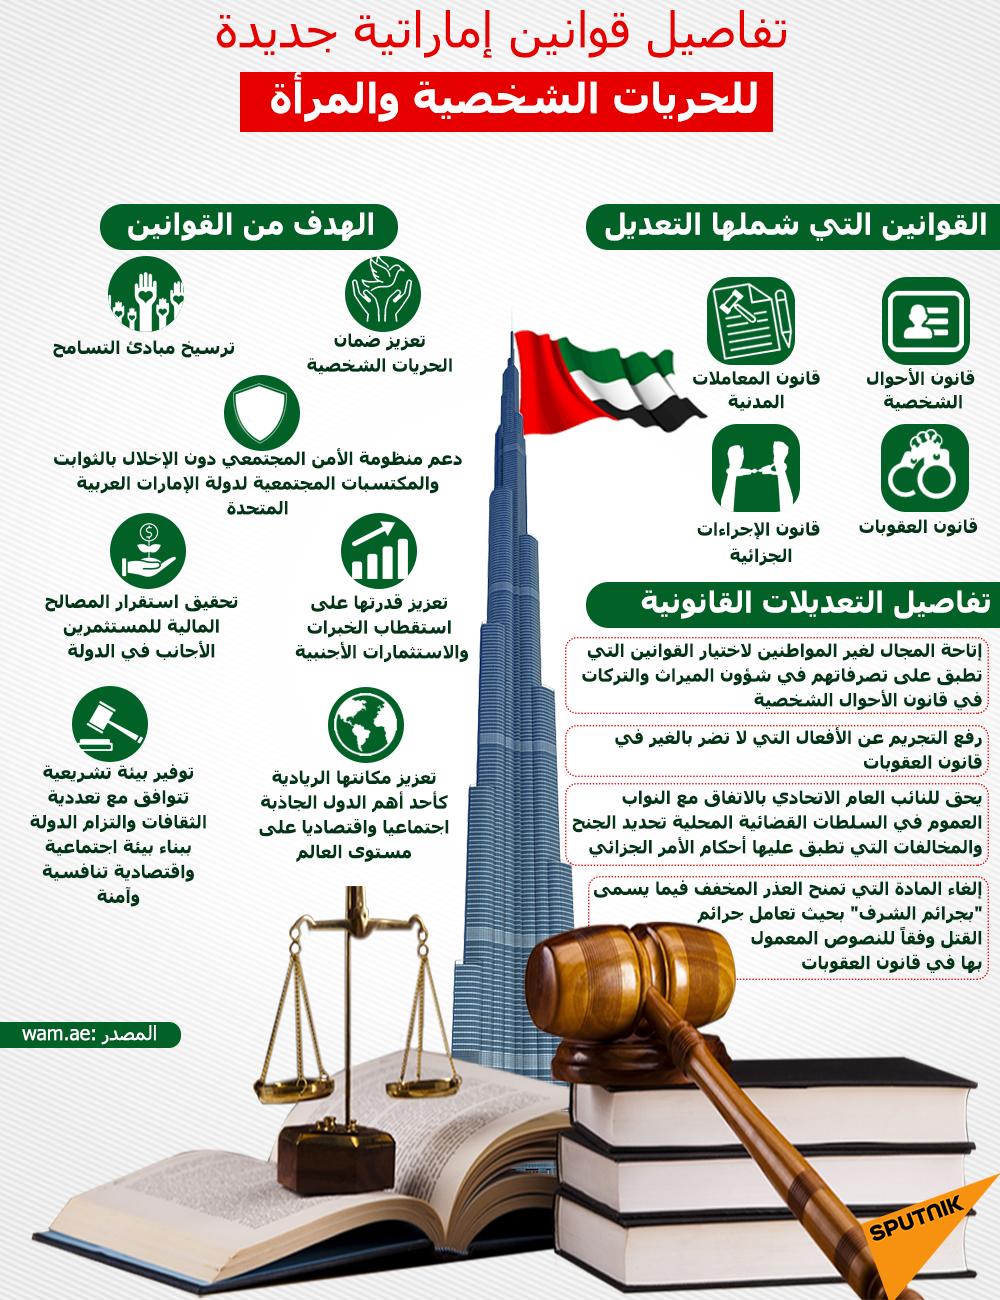 قوانين إماراتية جديدة للحريات الشخصية والمرأة